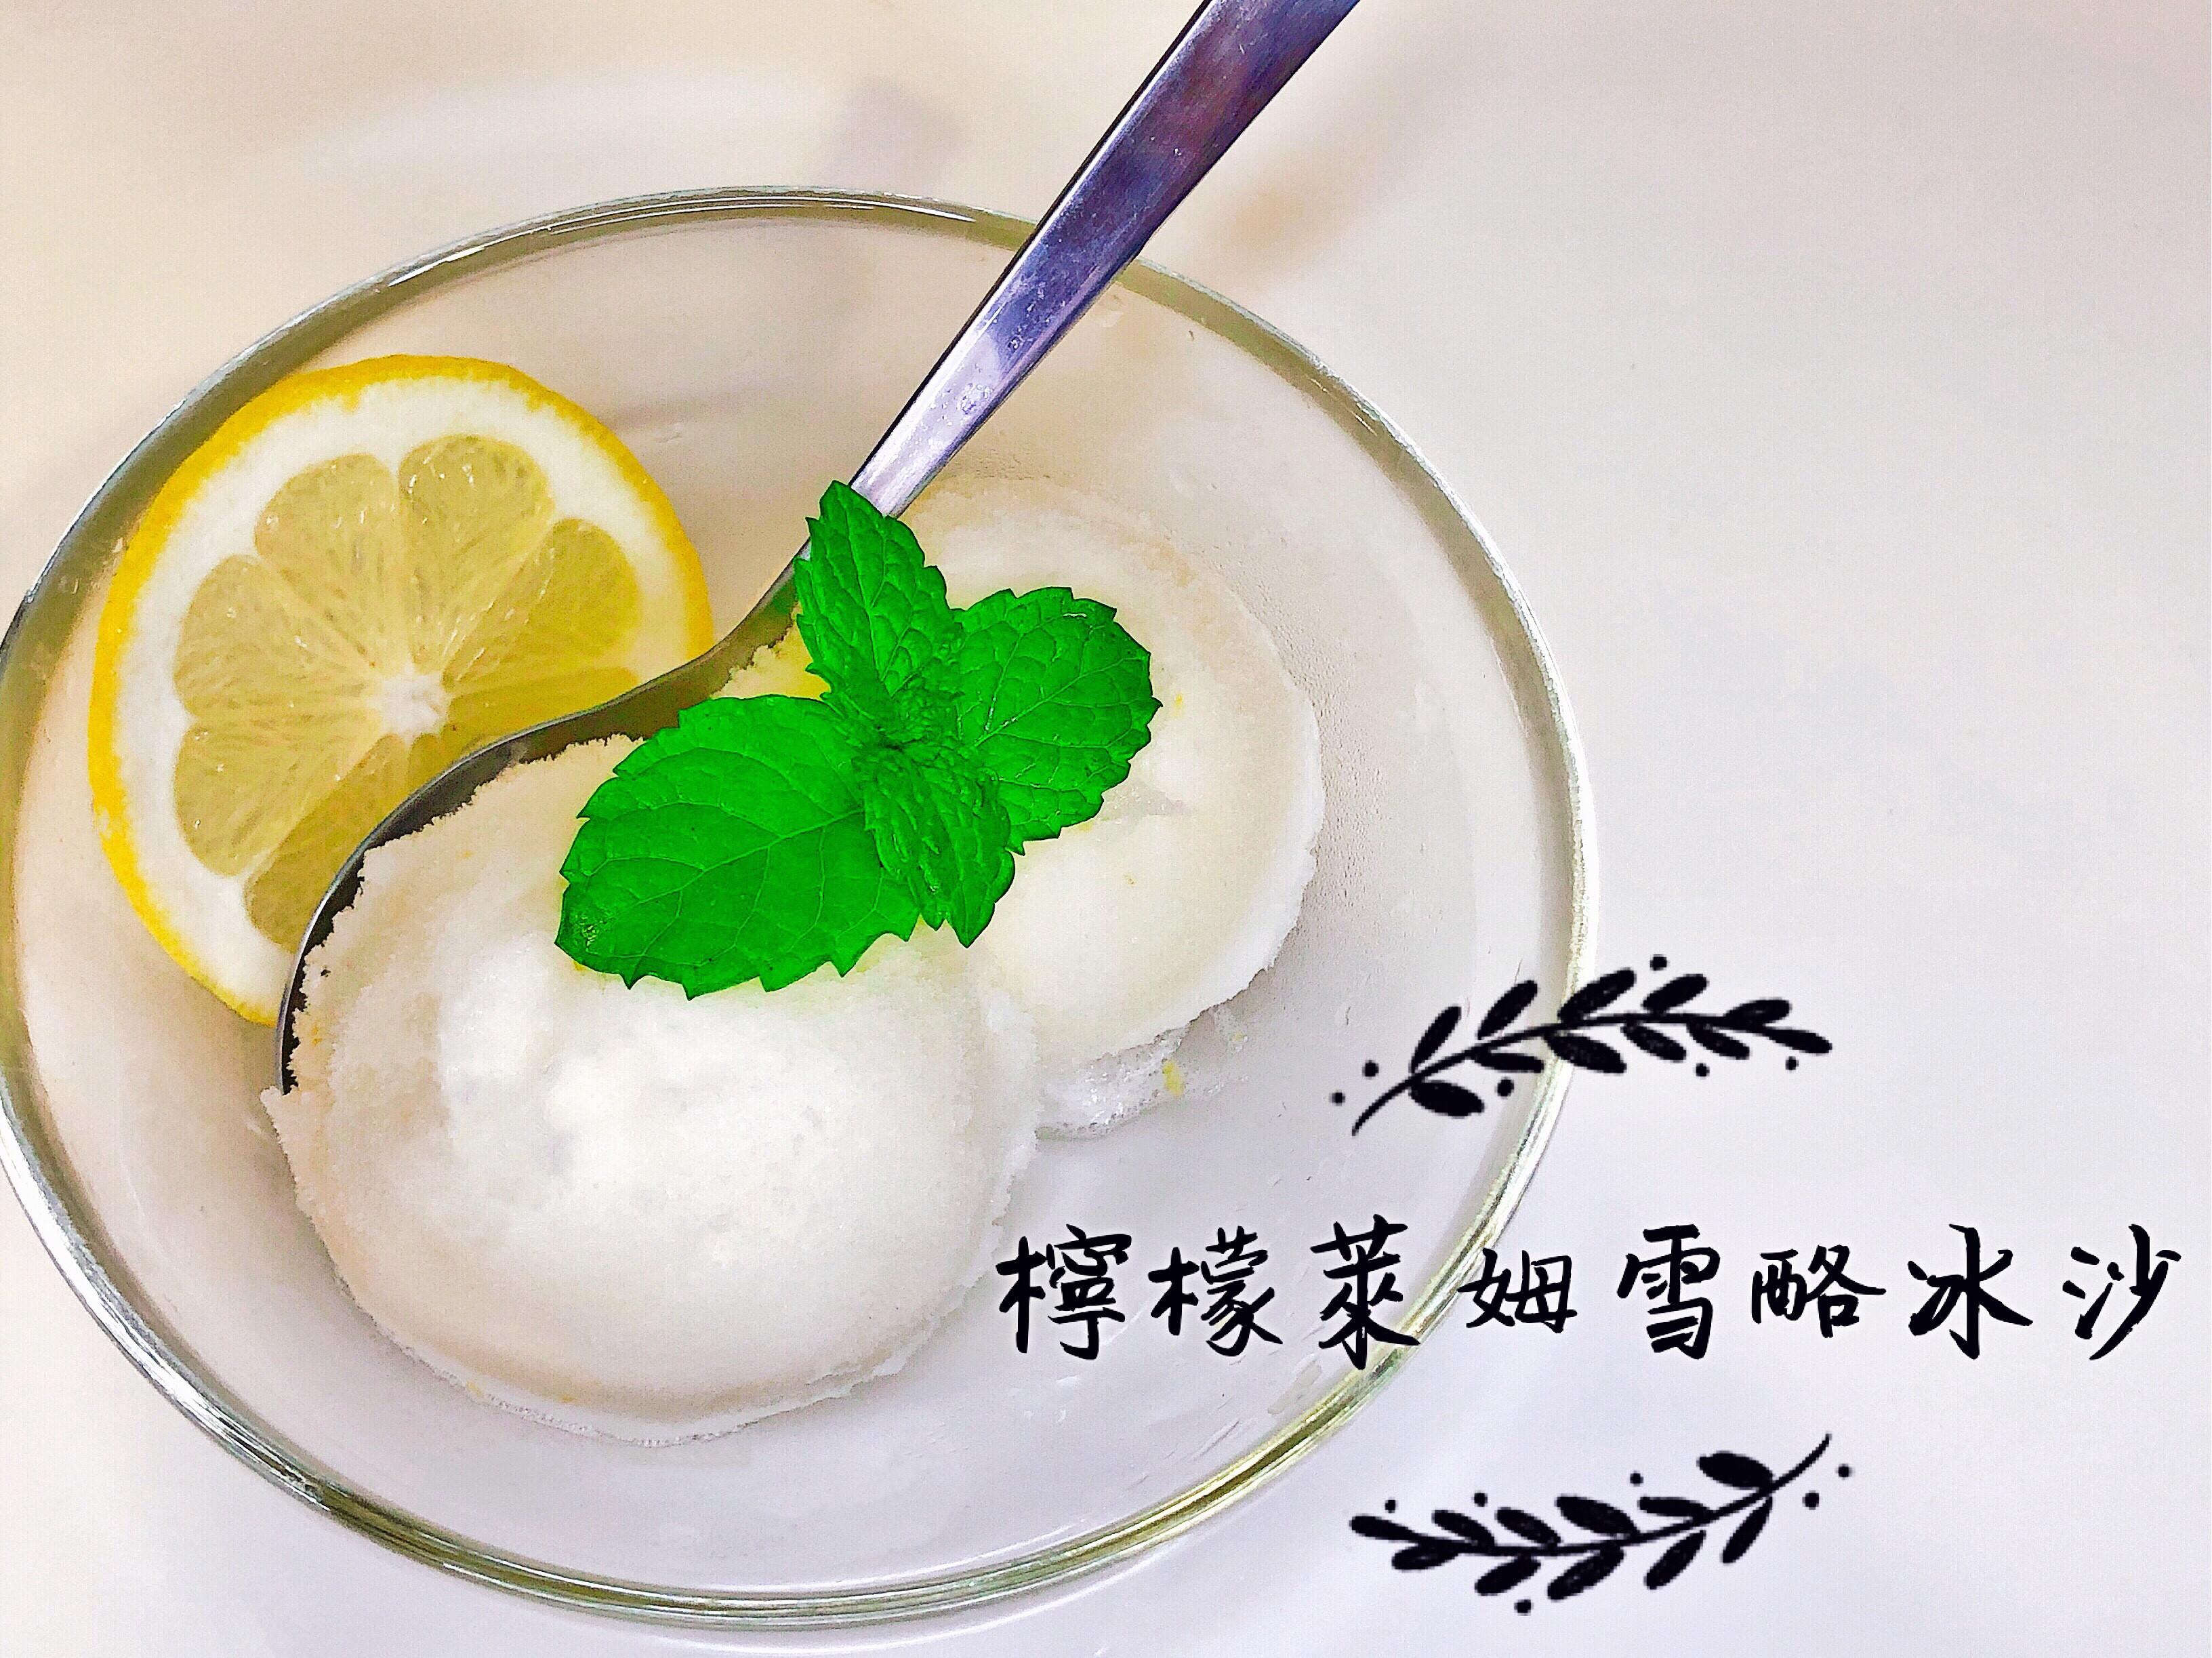 檸檬萊姆雪酪Lemon sorbet